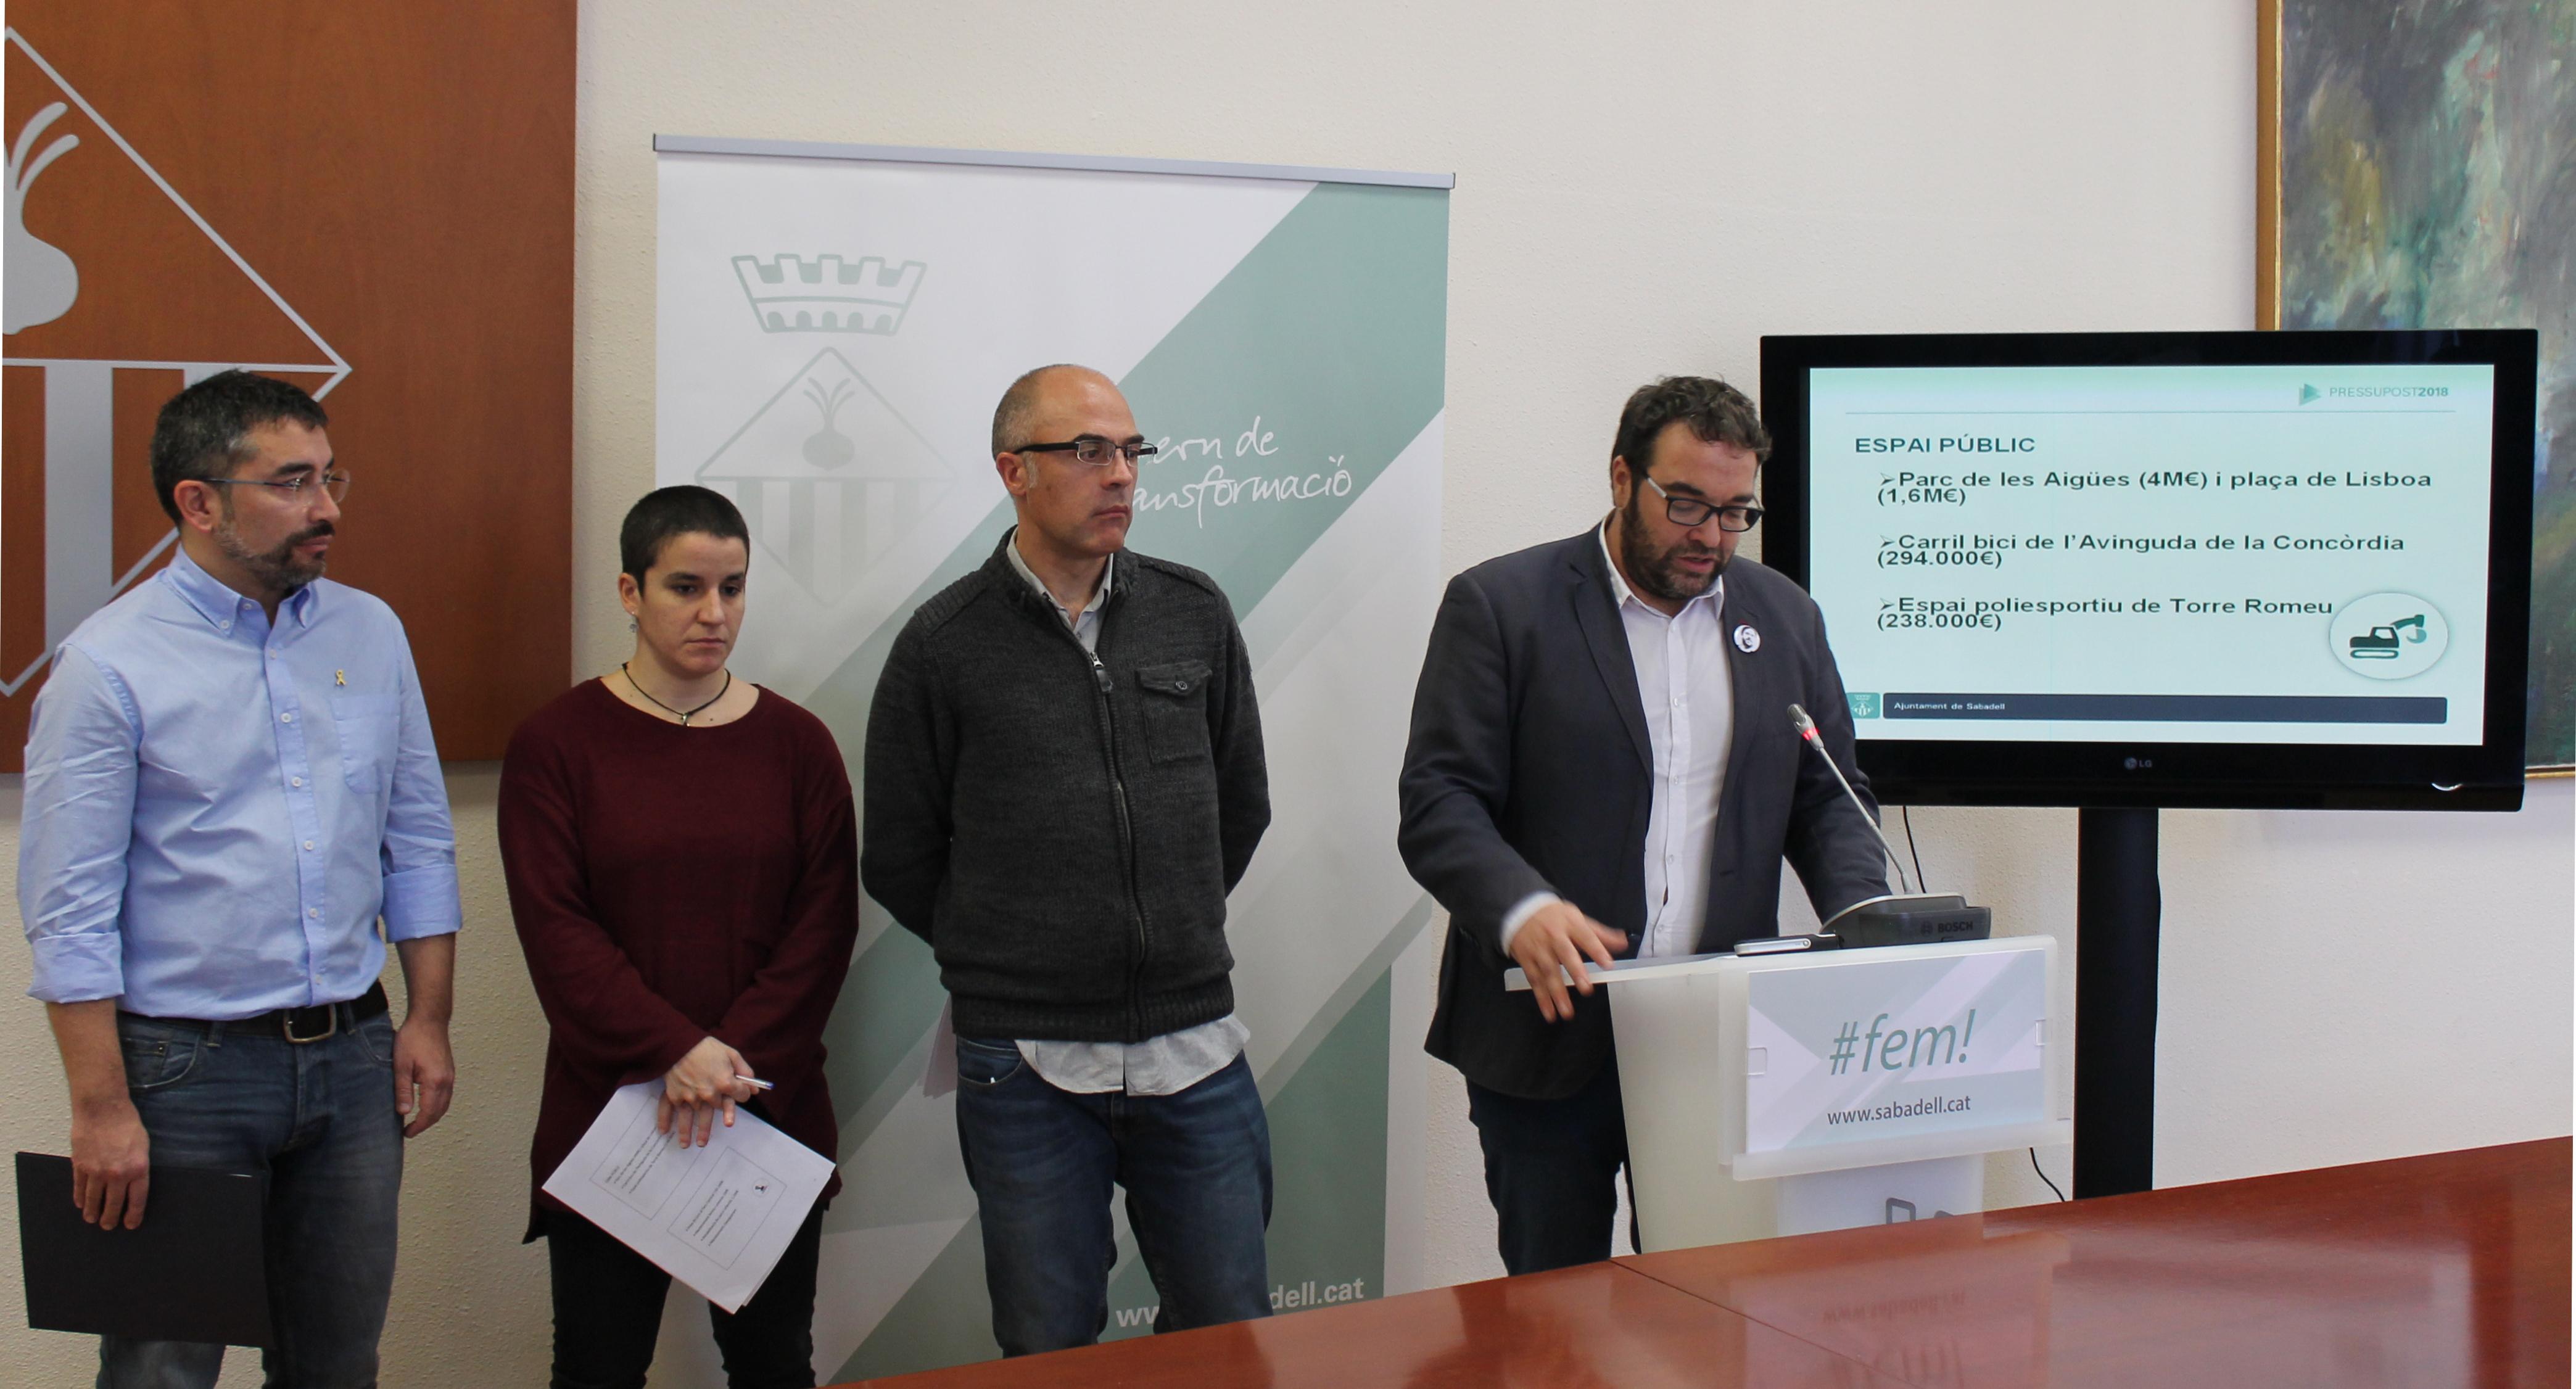 El pressupost 2018 destina 54,1 milions d'euros per posar al dia la ciutat i fomentar la cohesió social